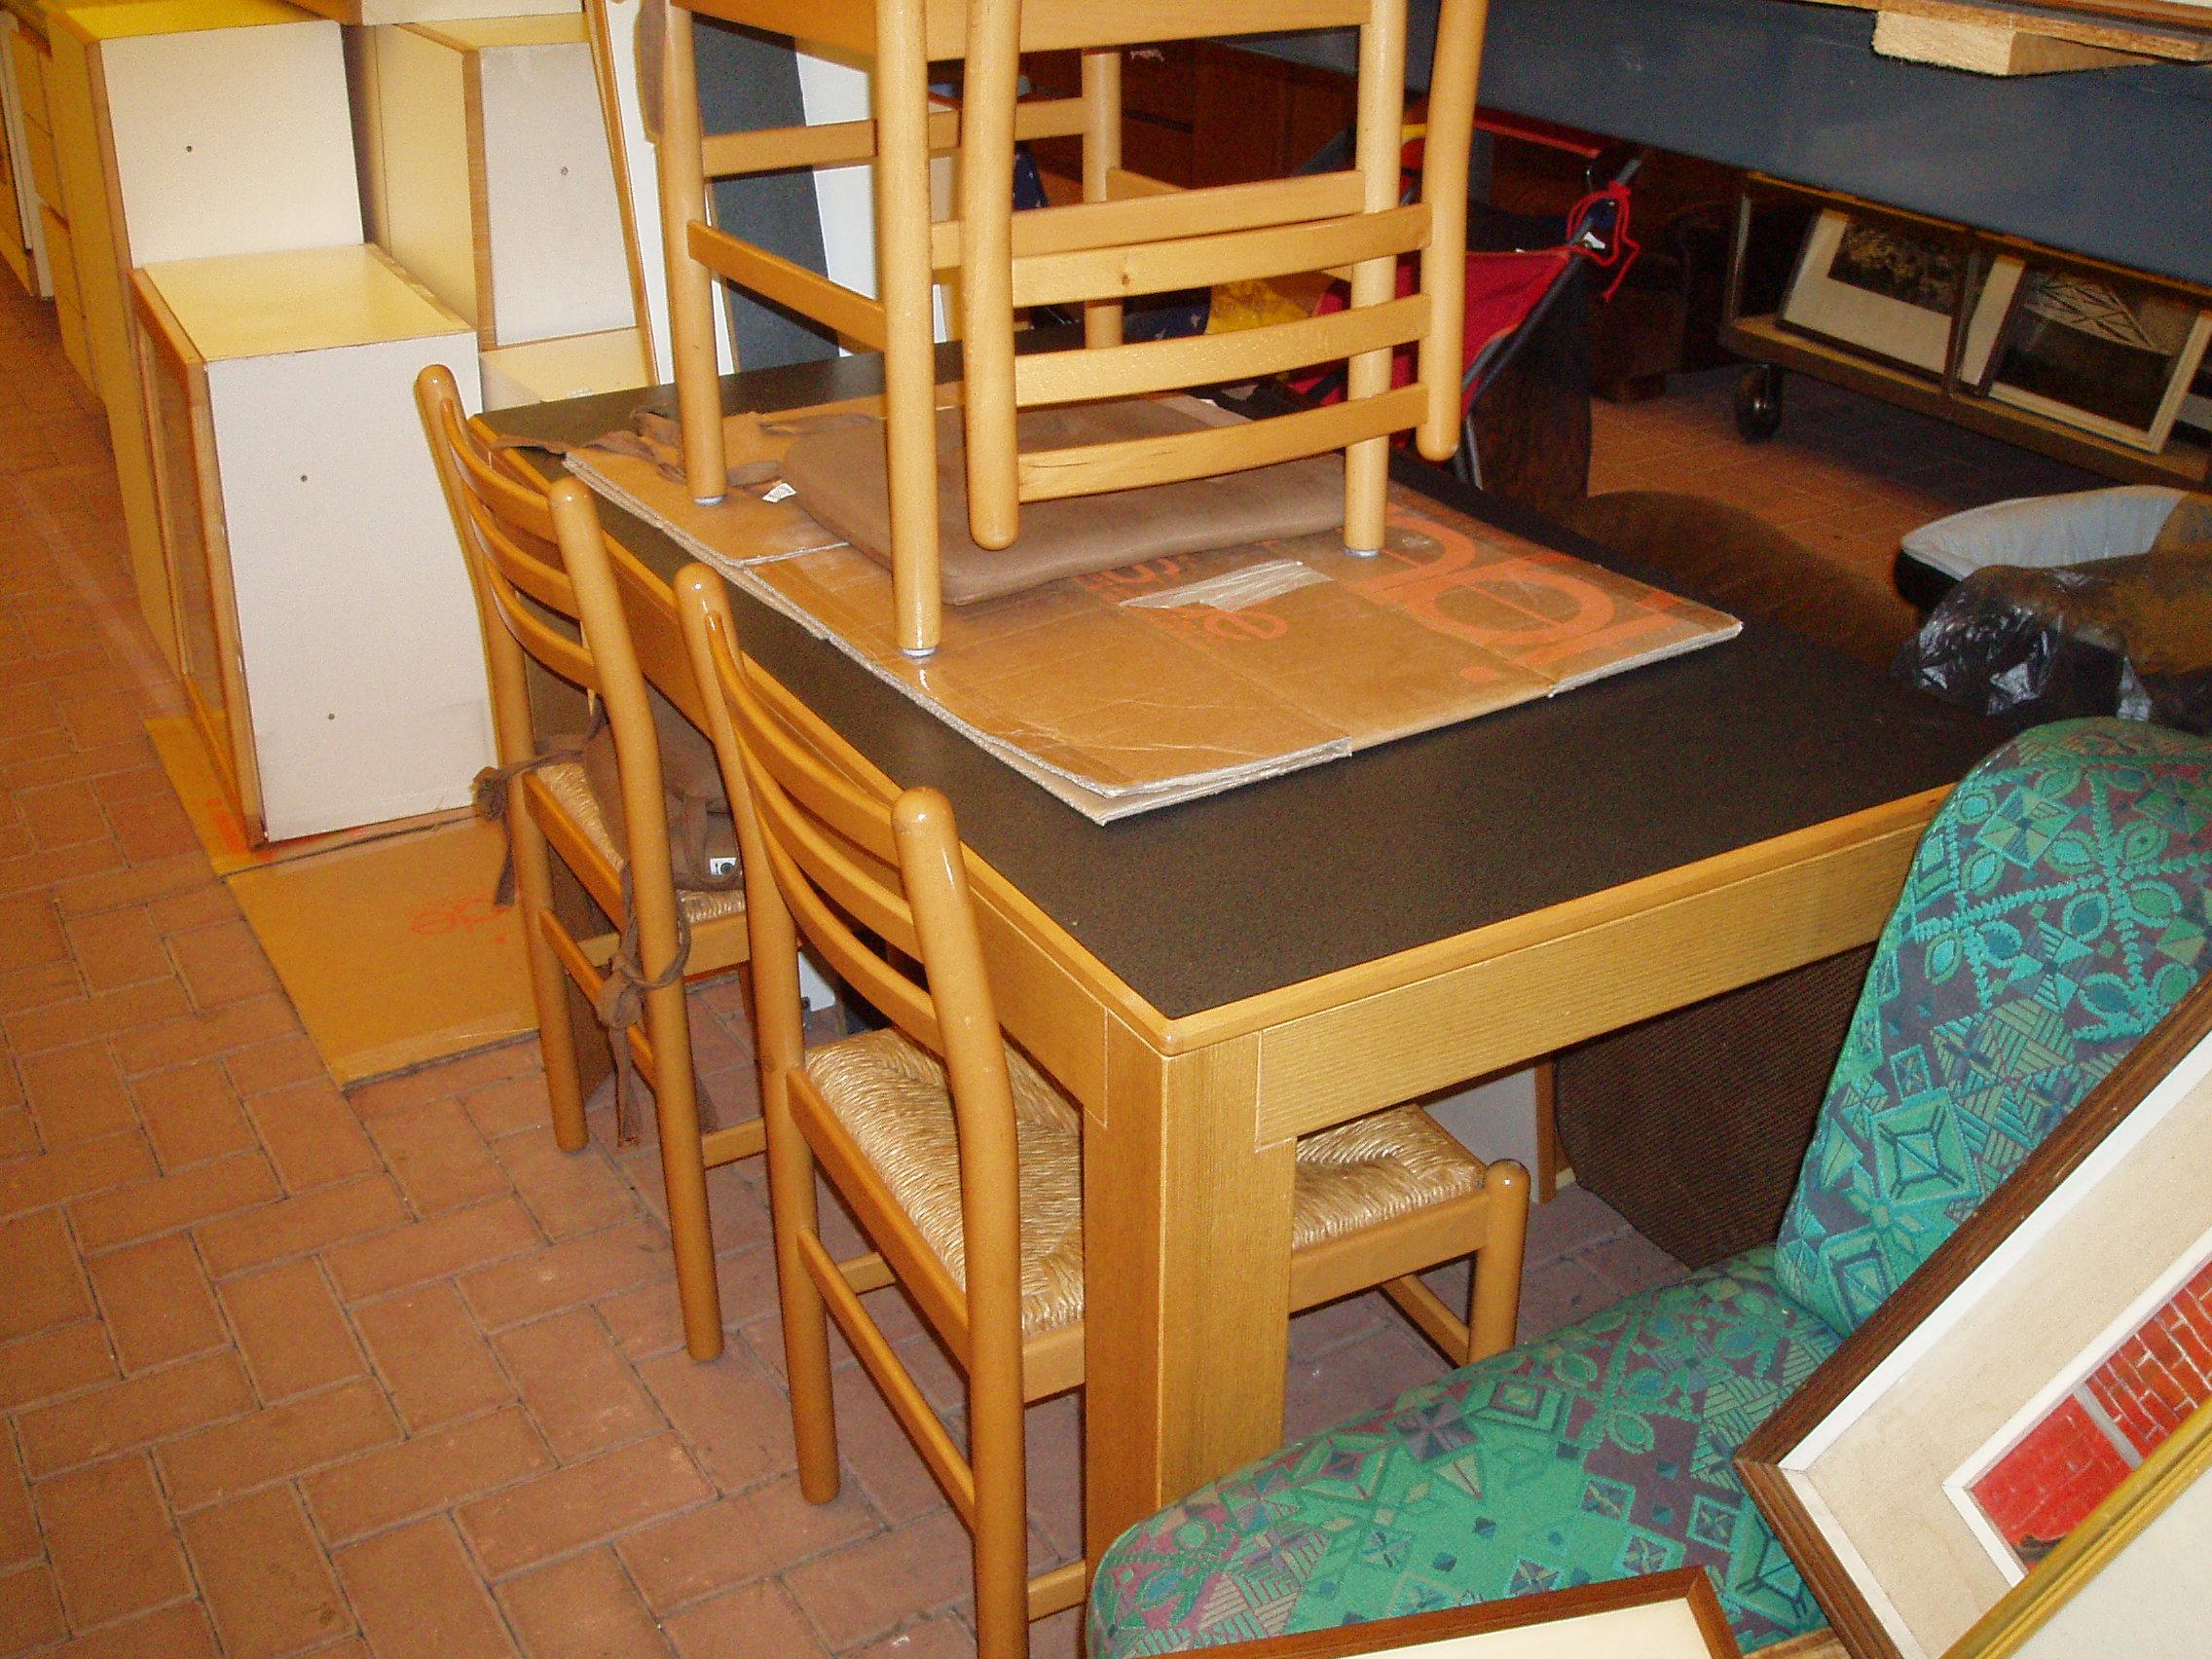 tavolo cucina nero usato – Il Tendone solidale mercatino ...